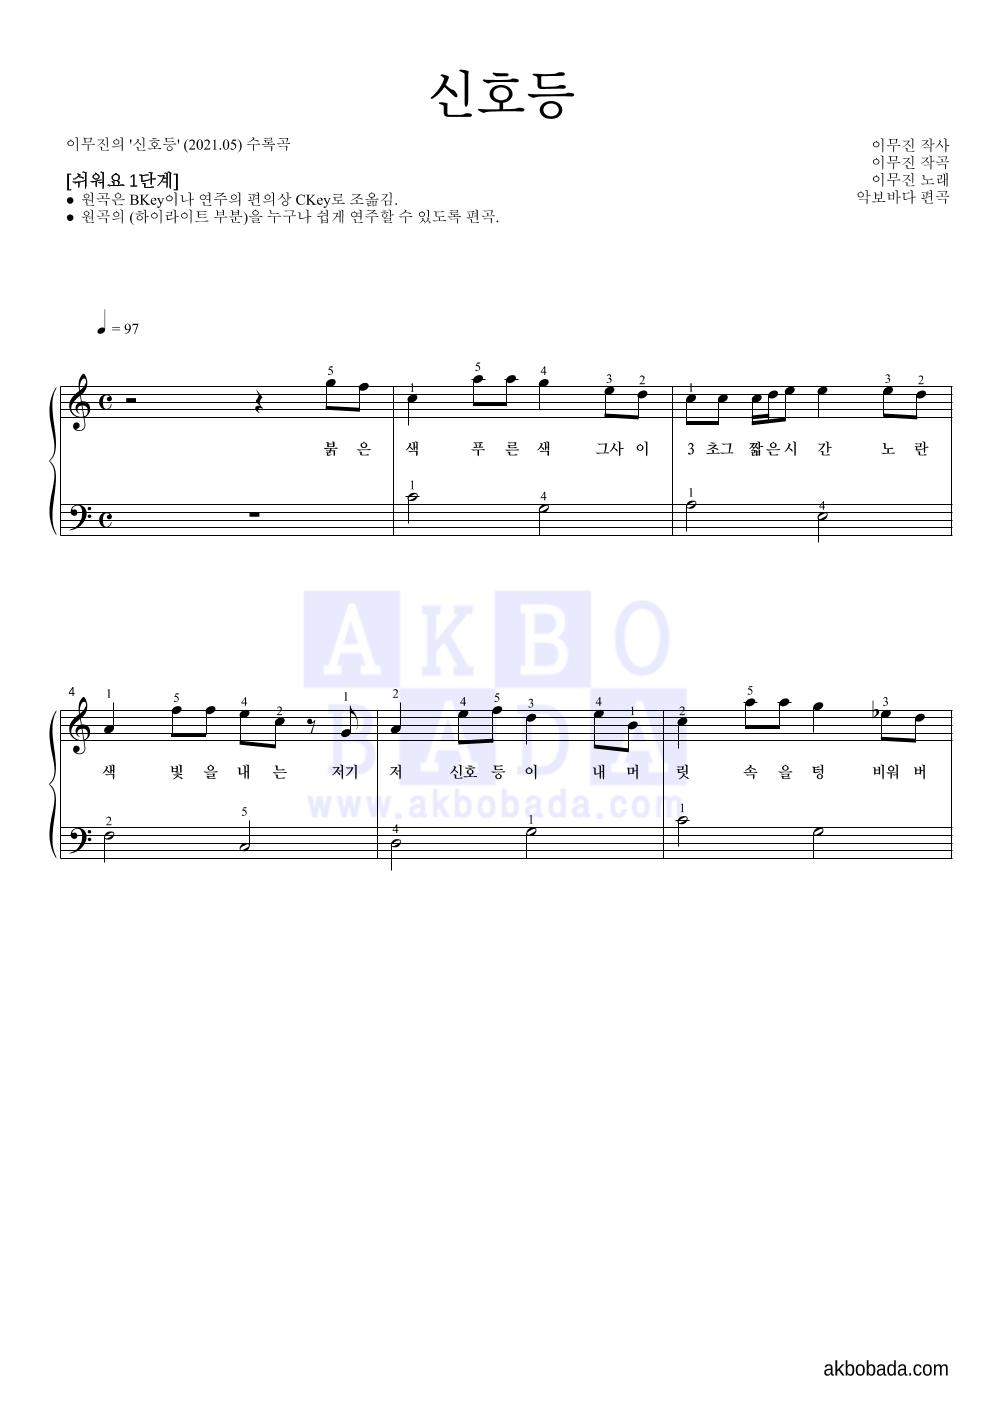 이무진 - 신호등 피아노2단-쉬워요 악보